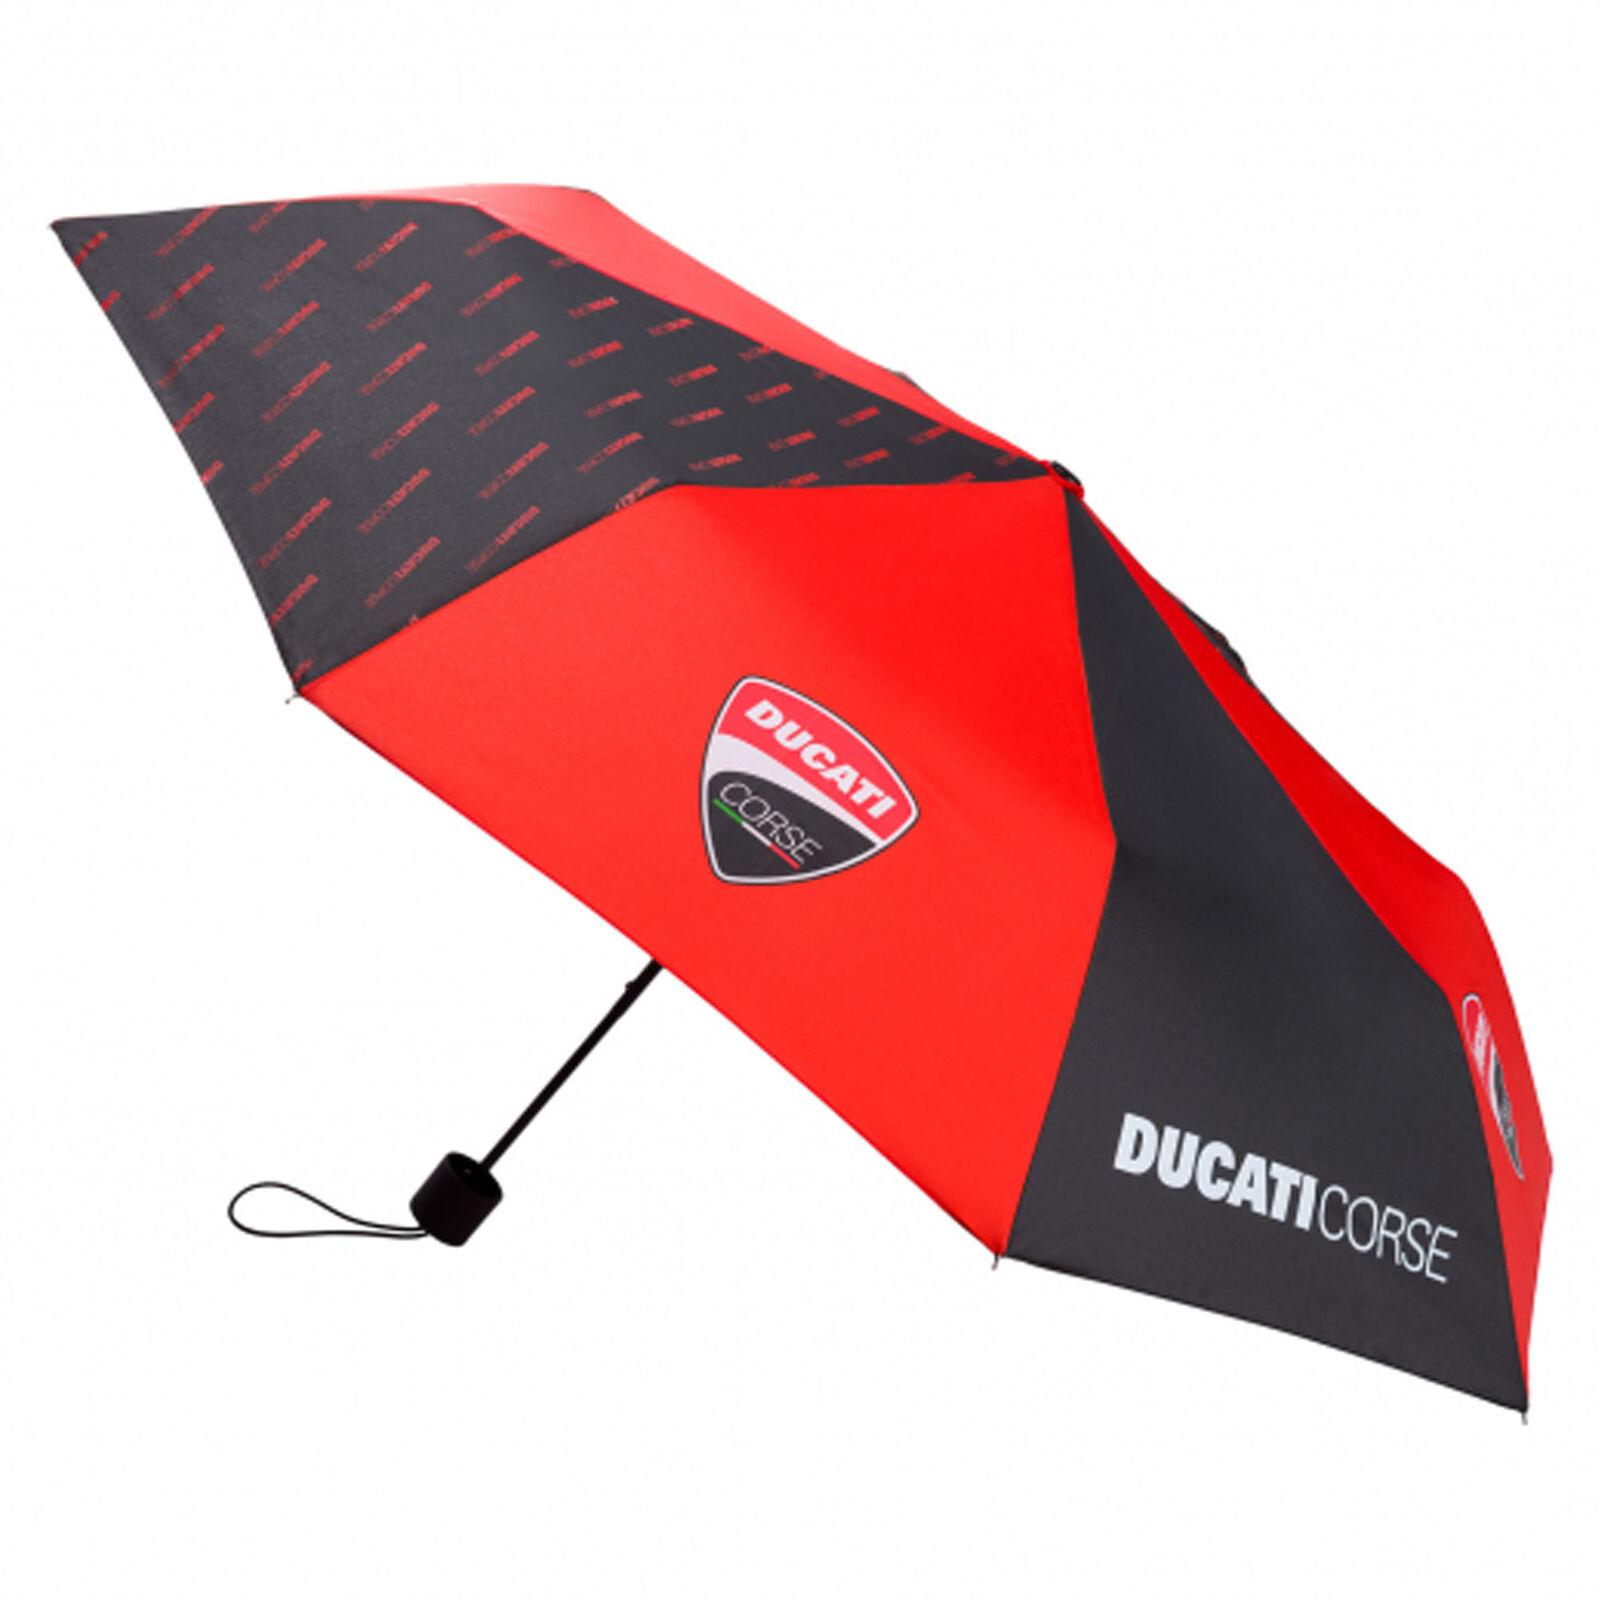 ★送料無料★Ducati Corse Racing MotoGP Compact Small Umbrella ドゥカティ コンパクト 傘 アンブレラ 折りたたみ傘